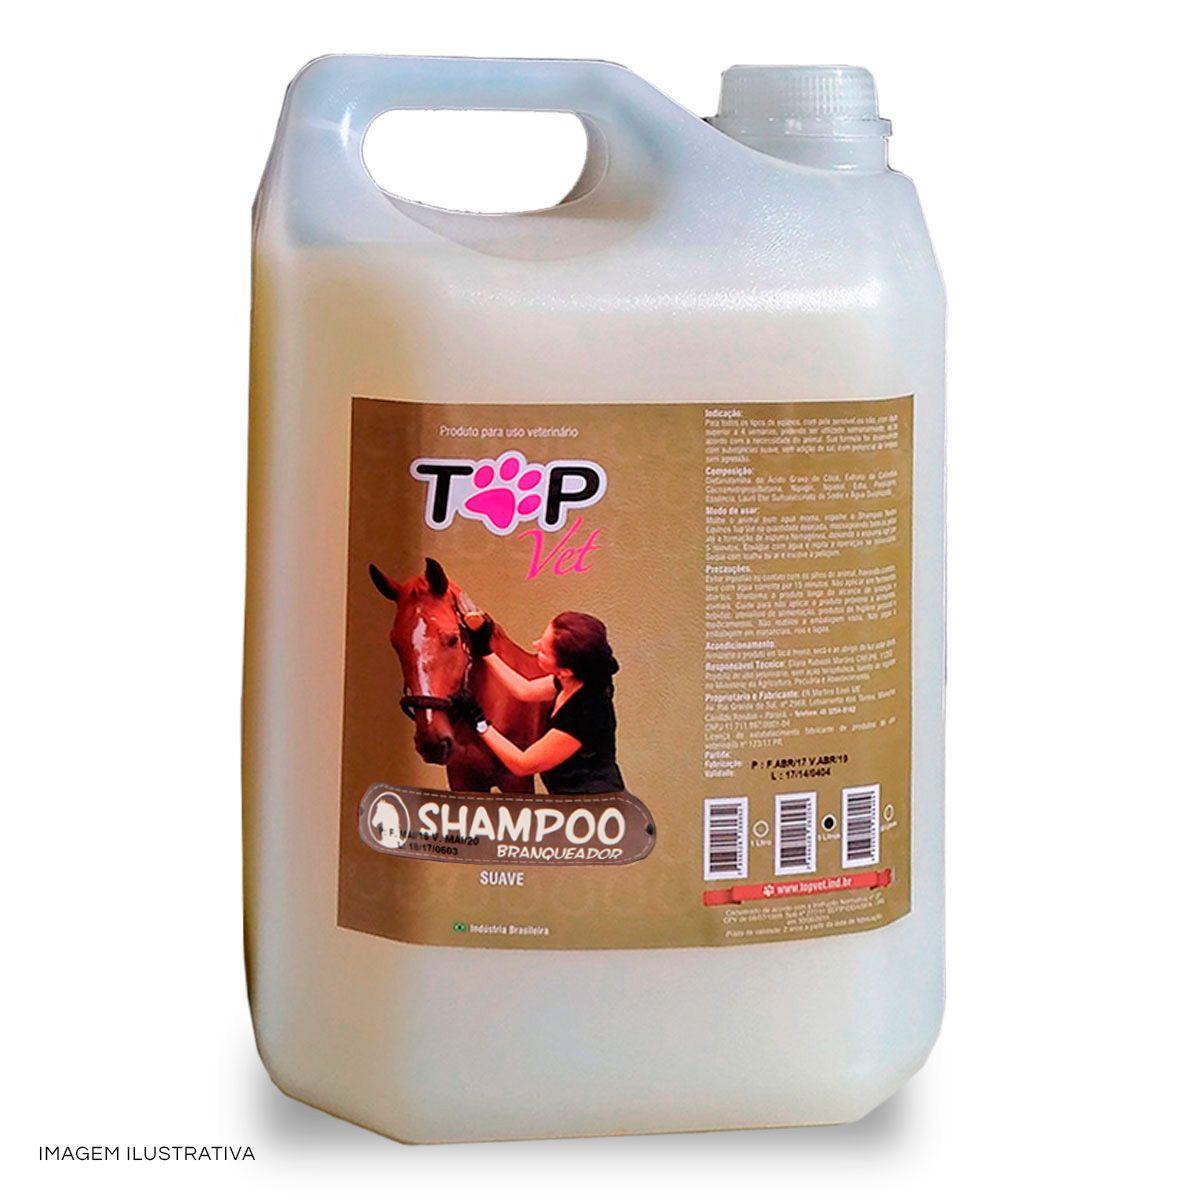 Shampoo Branqueador para Cavalos Top Vet 5L